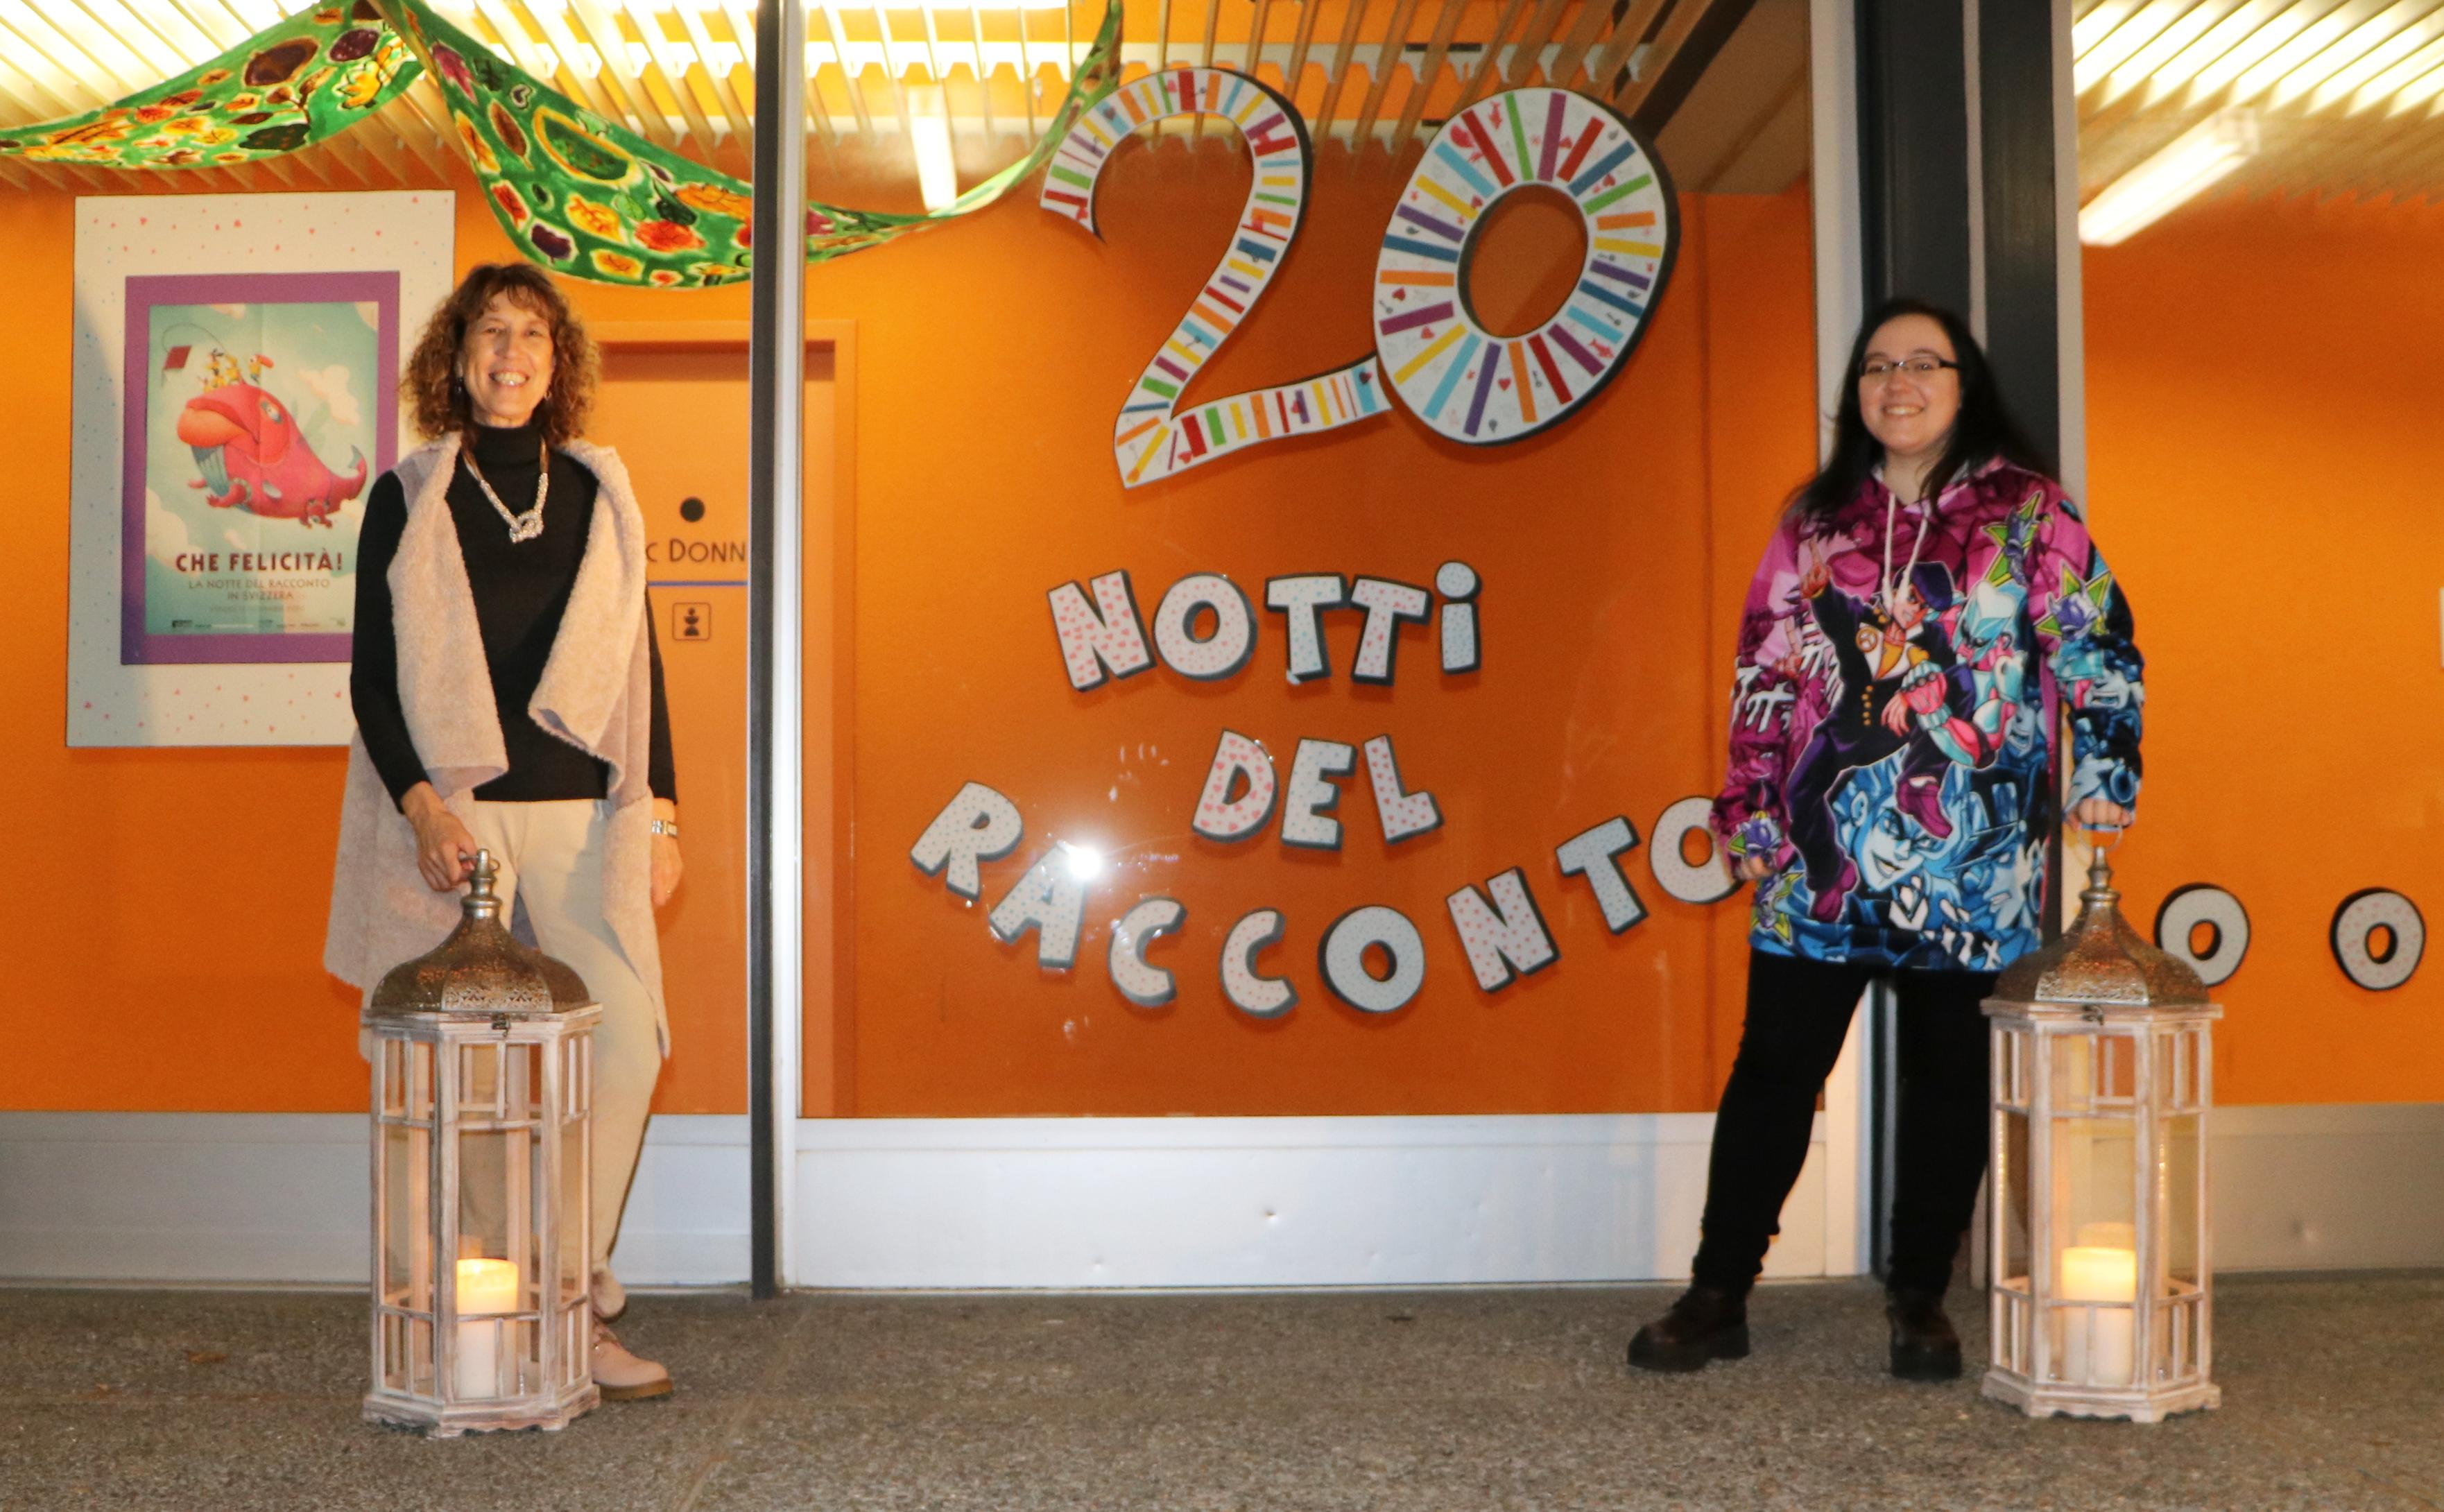 La bibliotecaria Angela Bariletti e l'illustratrice Irene Kaiser per i 20 anni della Notte del racconto a Losone.